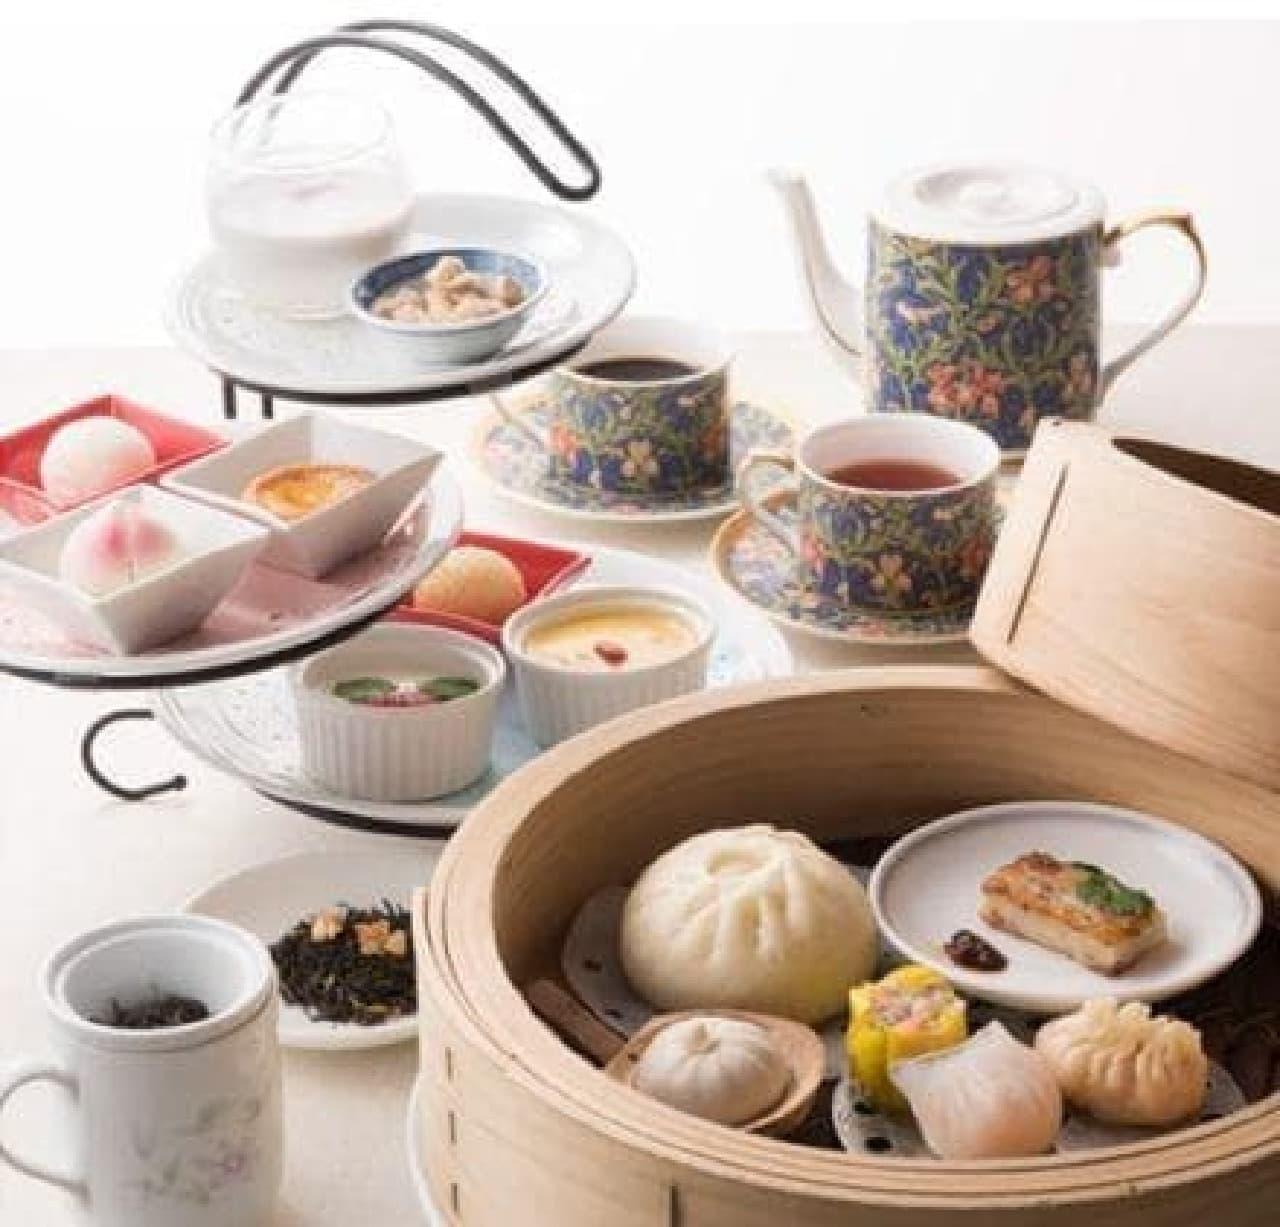 中華スイーツ7種と、点心6種のアフタヌーンティーセット